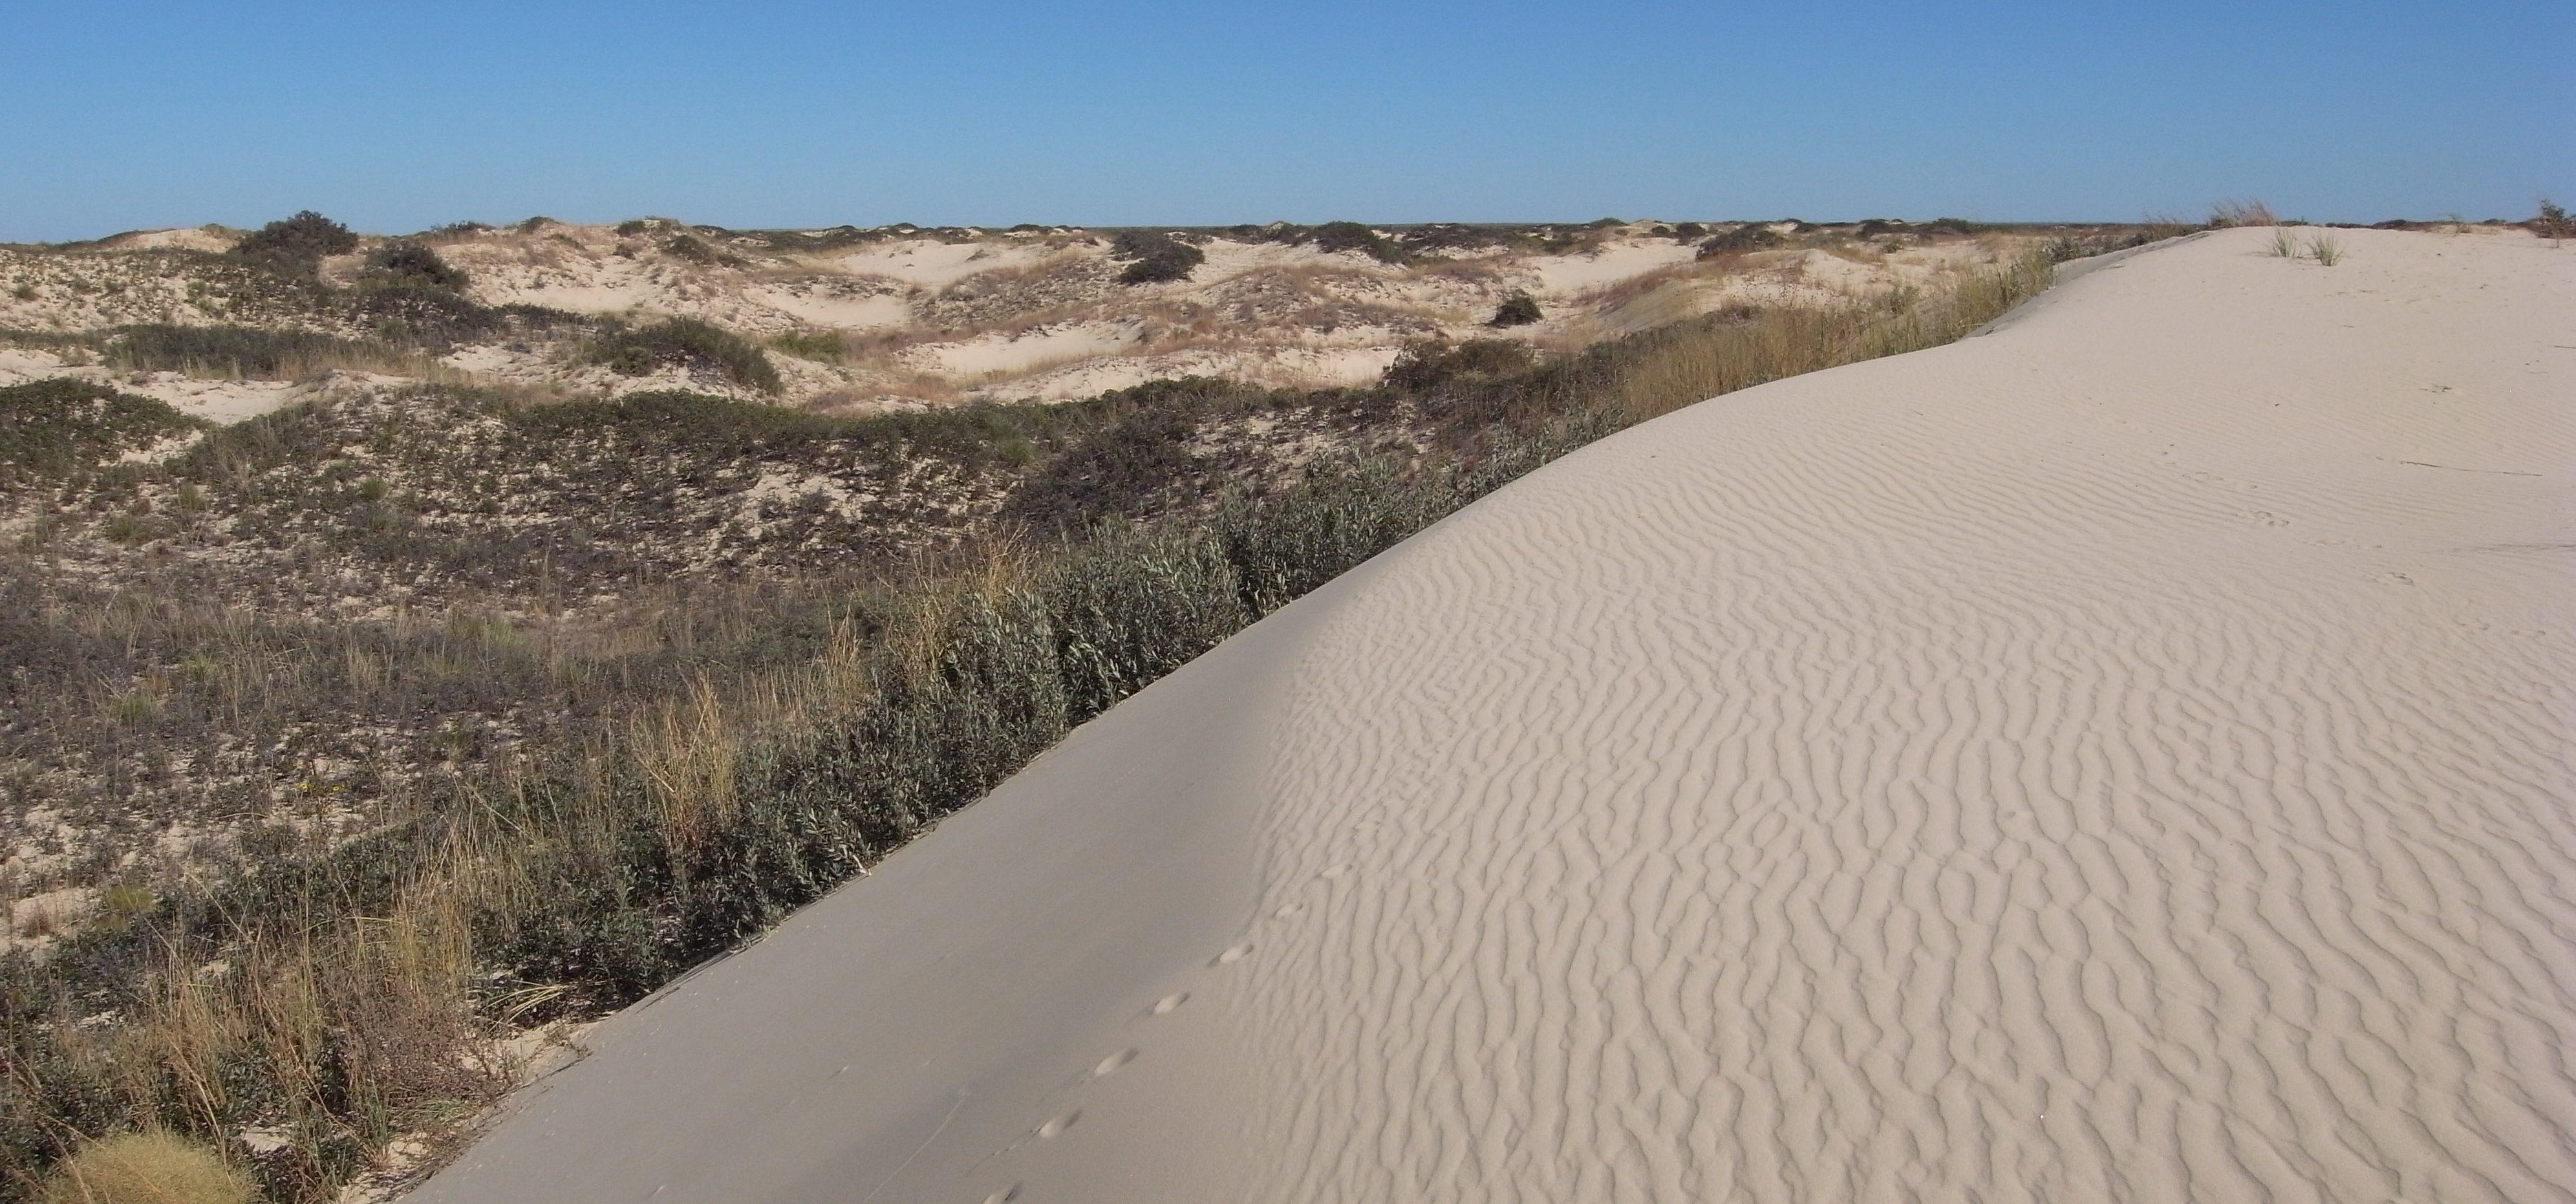 frack sand